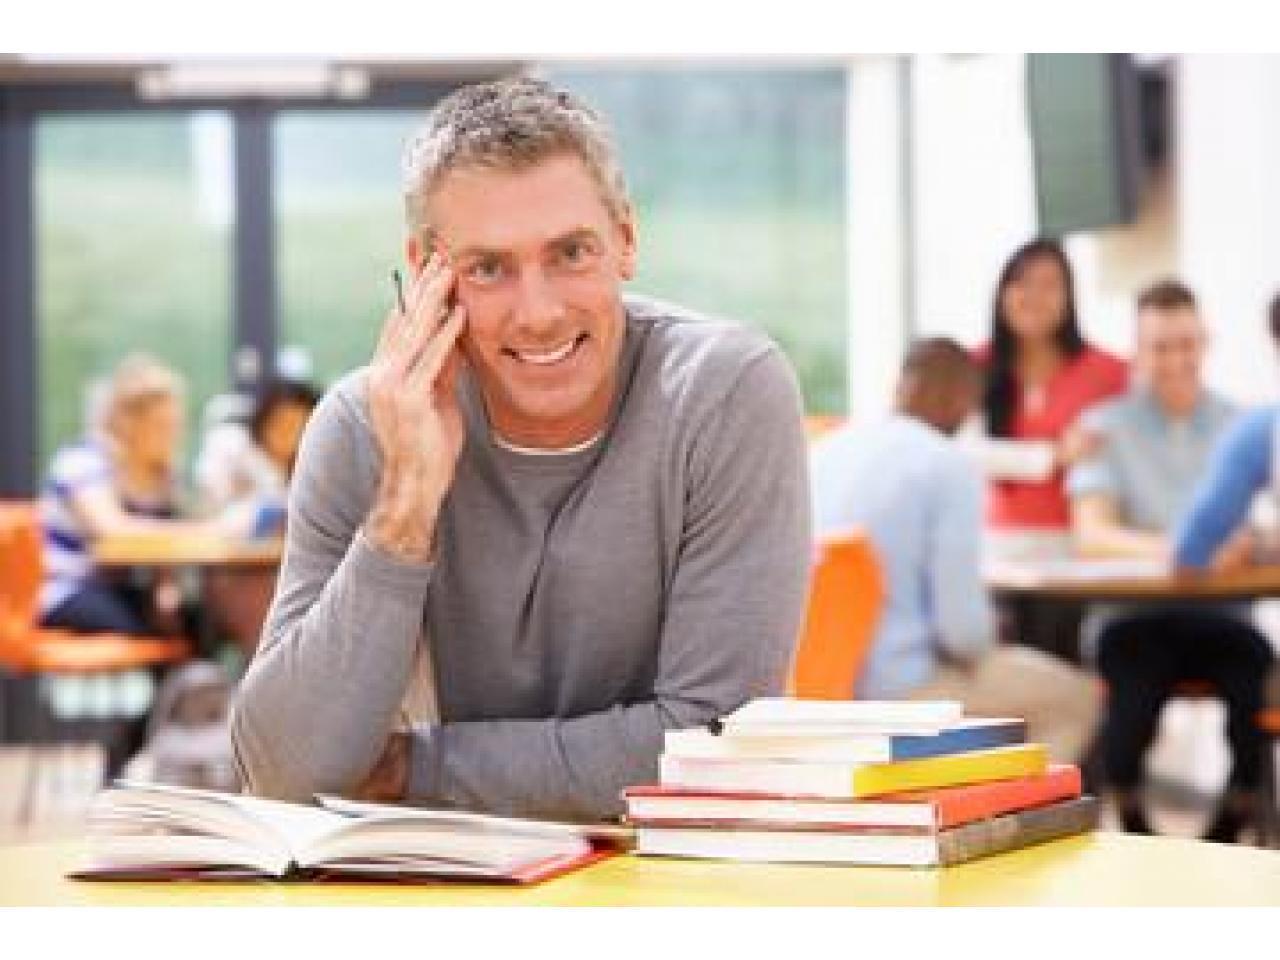 Преподаватель Cambridge Assessment, BEC, CAEL, CELPIP, ELSA, PTE, TELC курсы, репетитор из США - 1